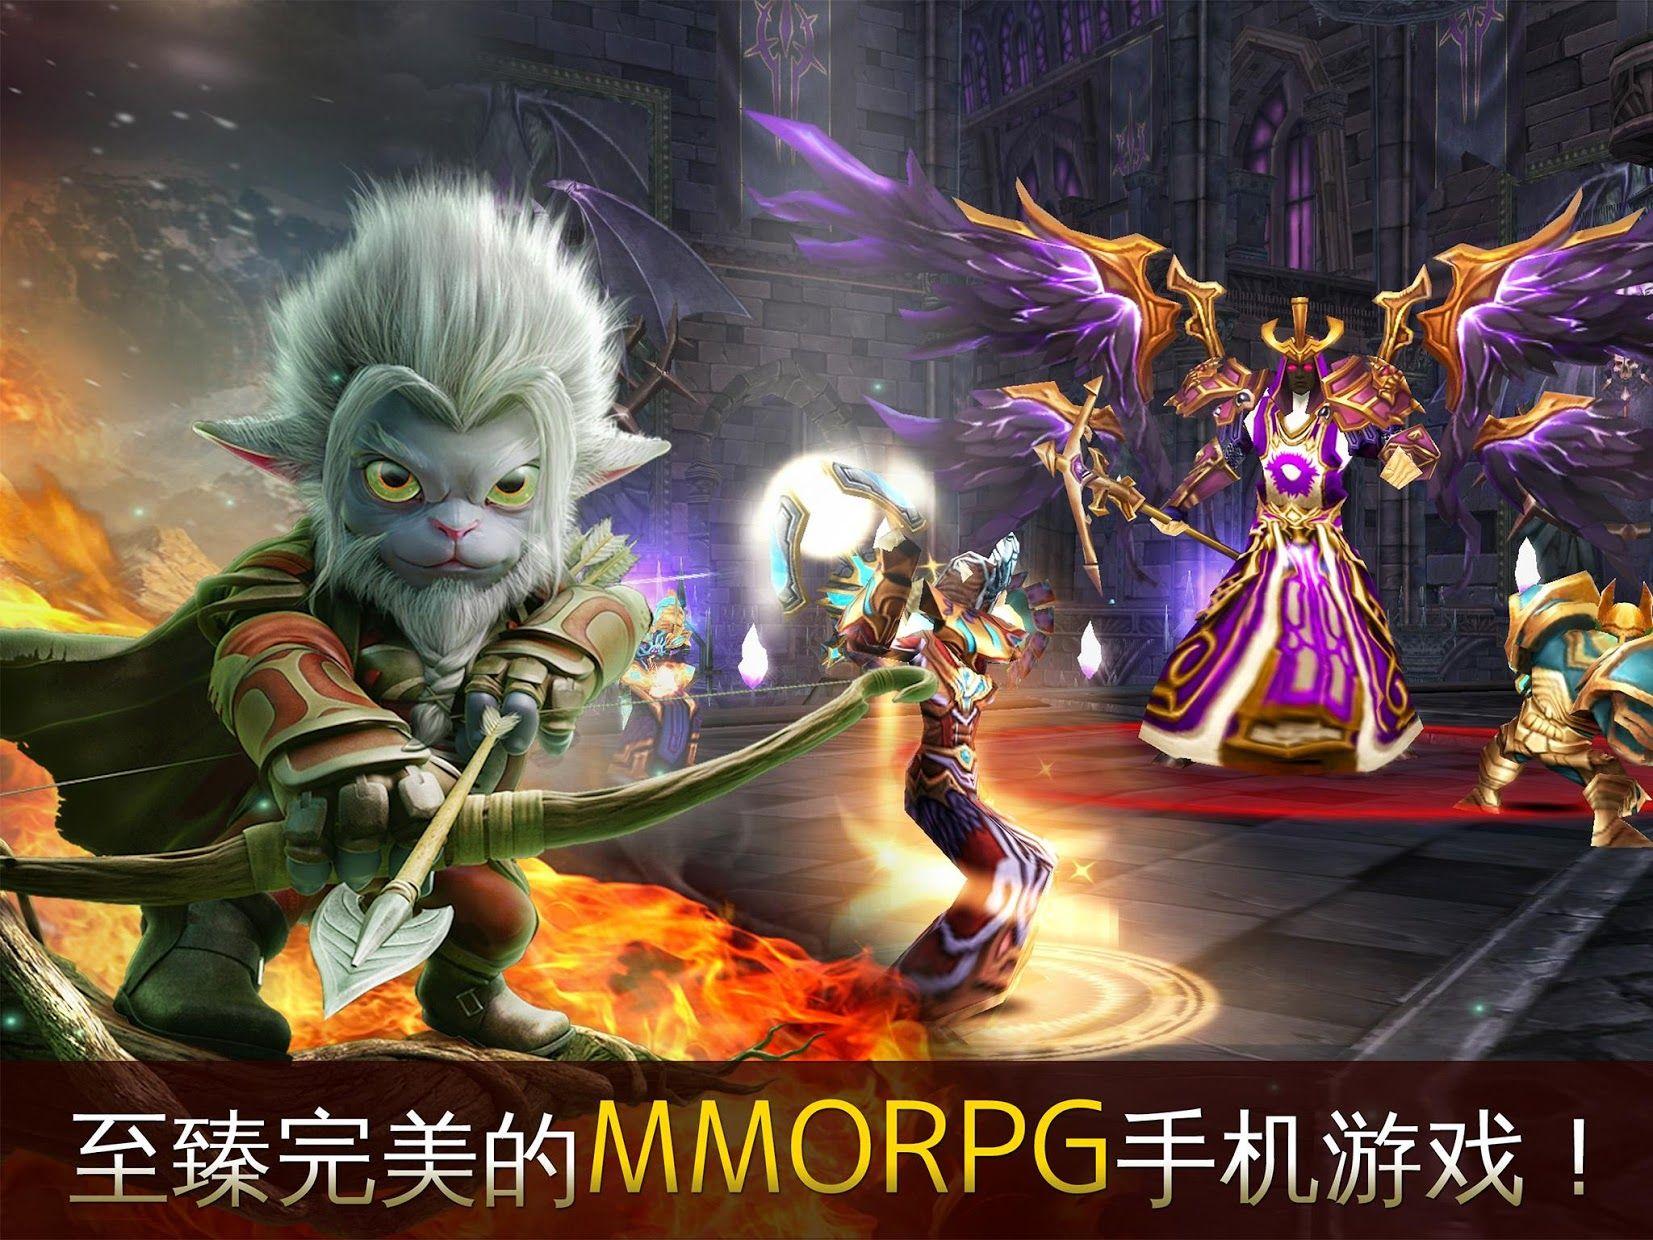 混沌与秩序Online - 魔幻3D MMORPG手游 游戏截图1